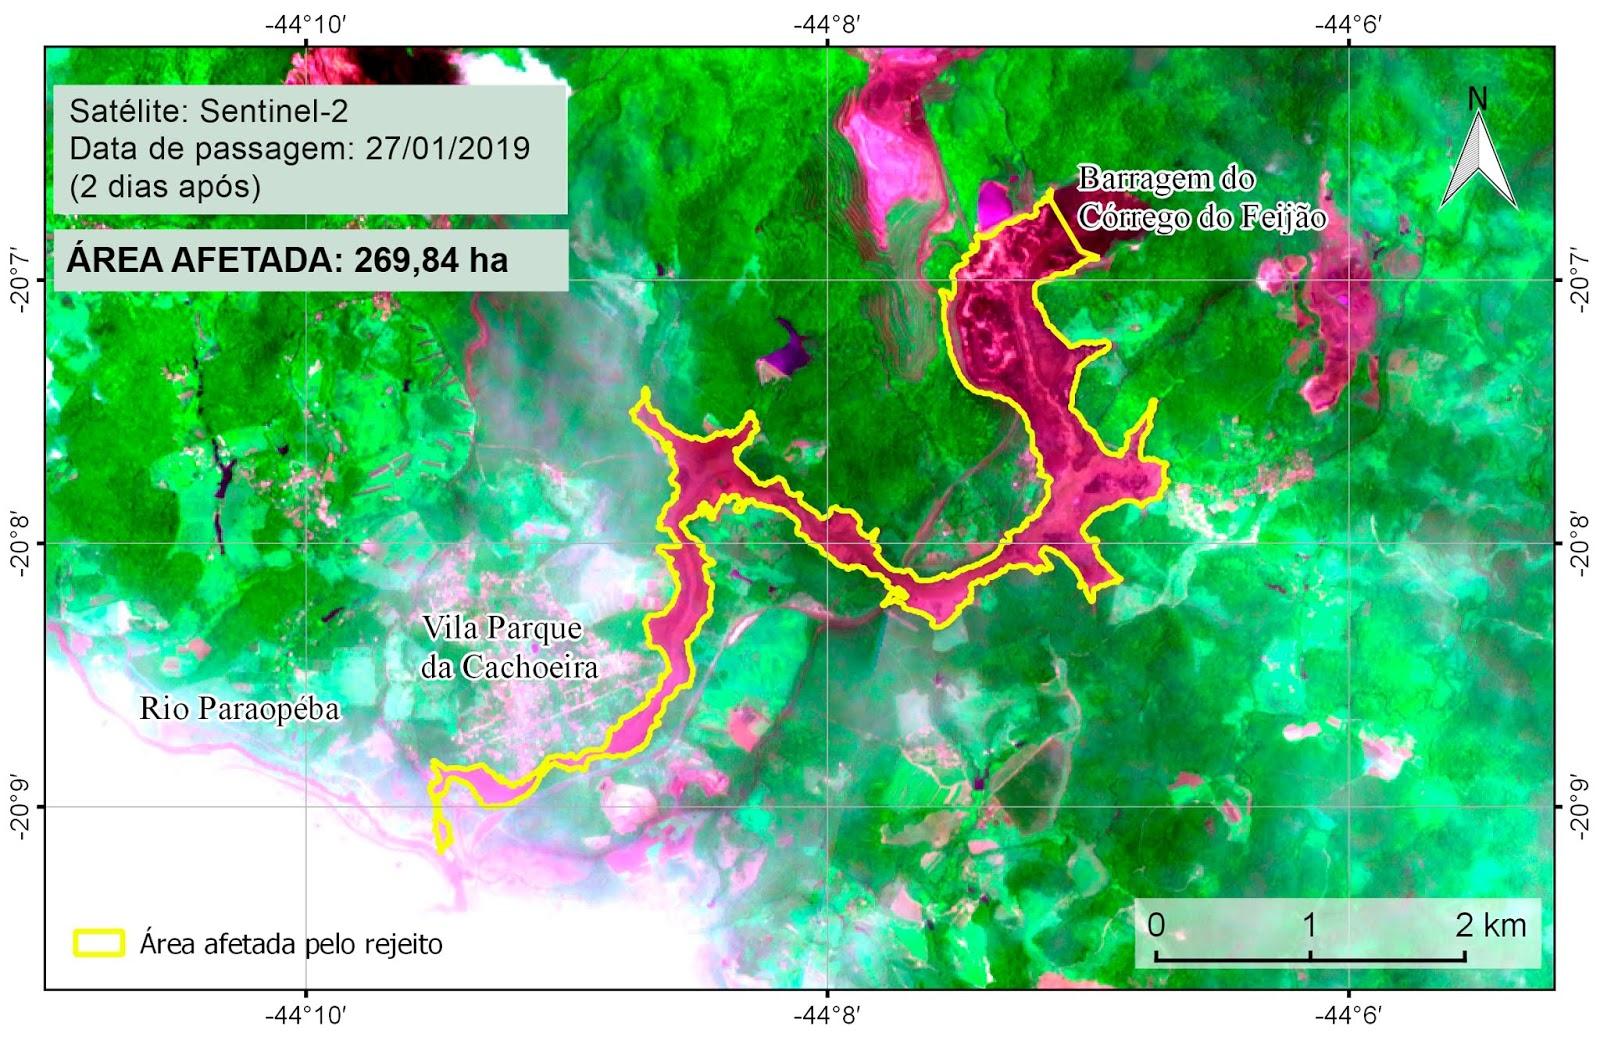 Brasilia (30 01 2019) - Dados preliminares obtidos por meio de imagens de  satélite indicam que o rompimento de barragem da mineradora Vale em  Brumadinho ... ecdee261d8